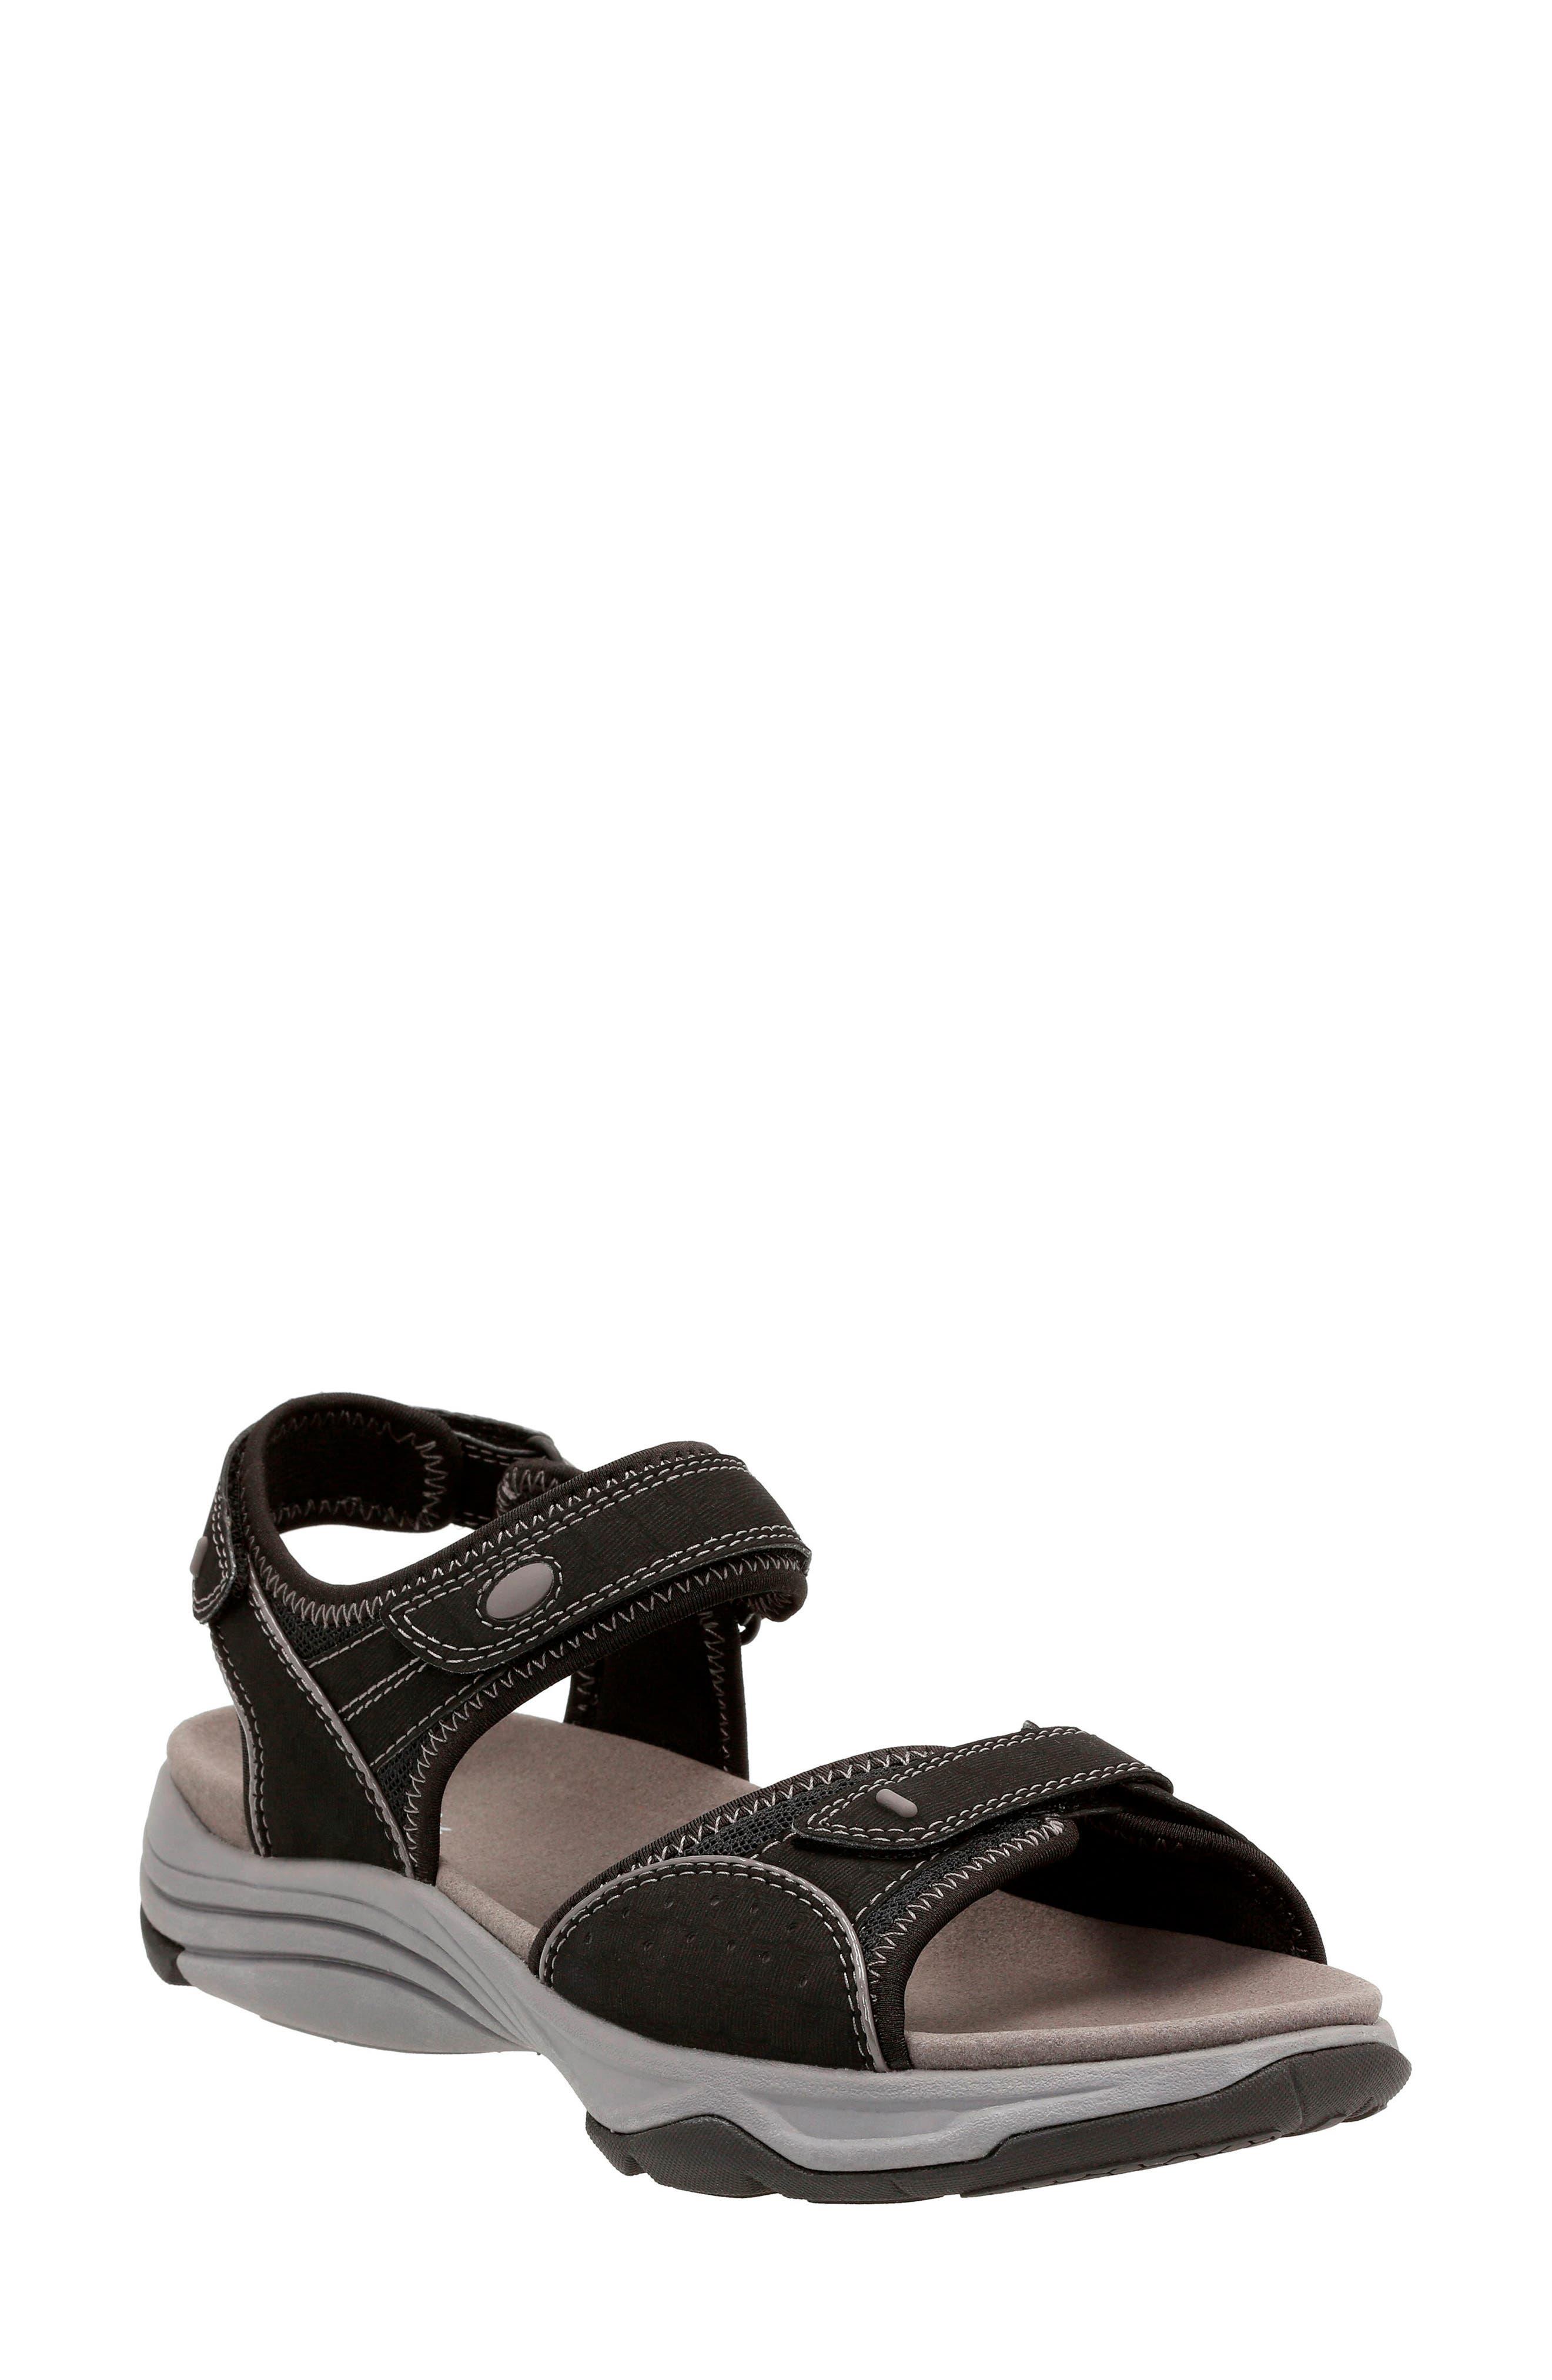 Wave Grip Sandal,                         Main,                         color, BLACK FABRIC